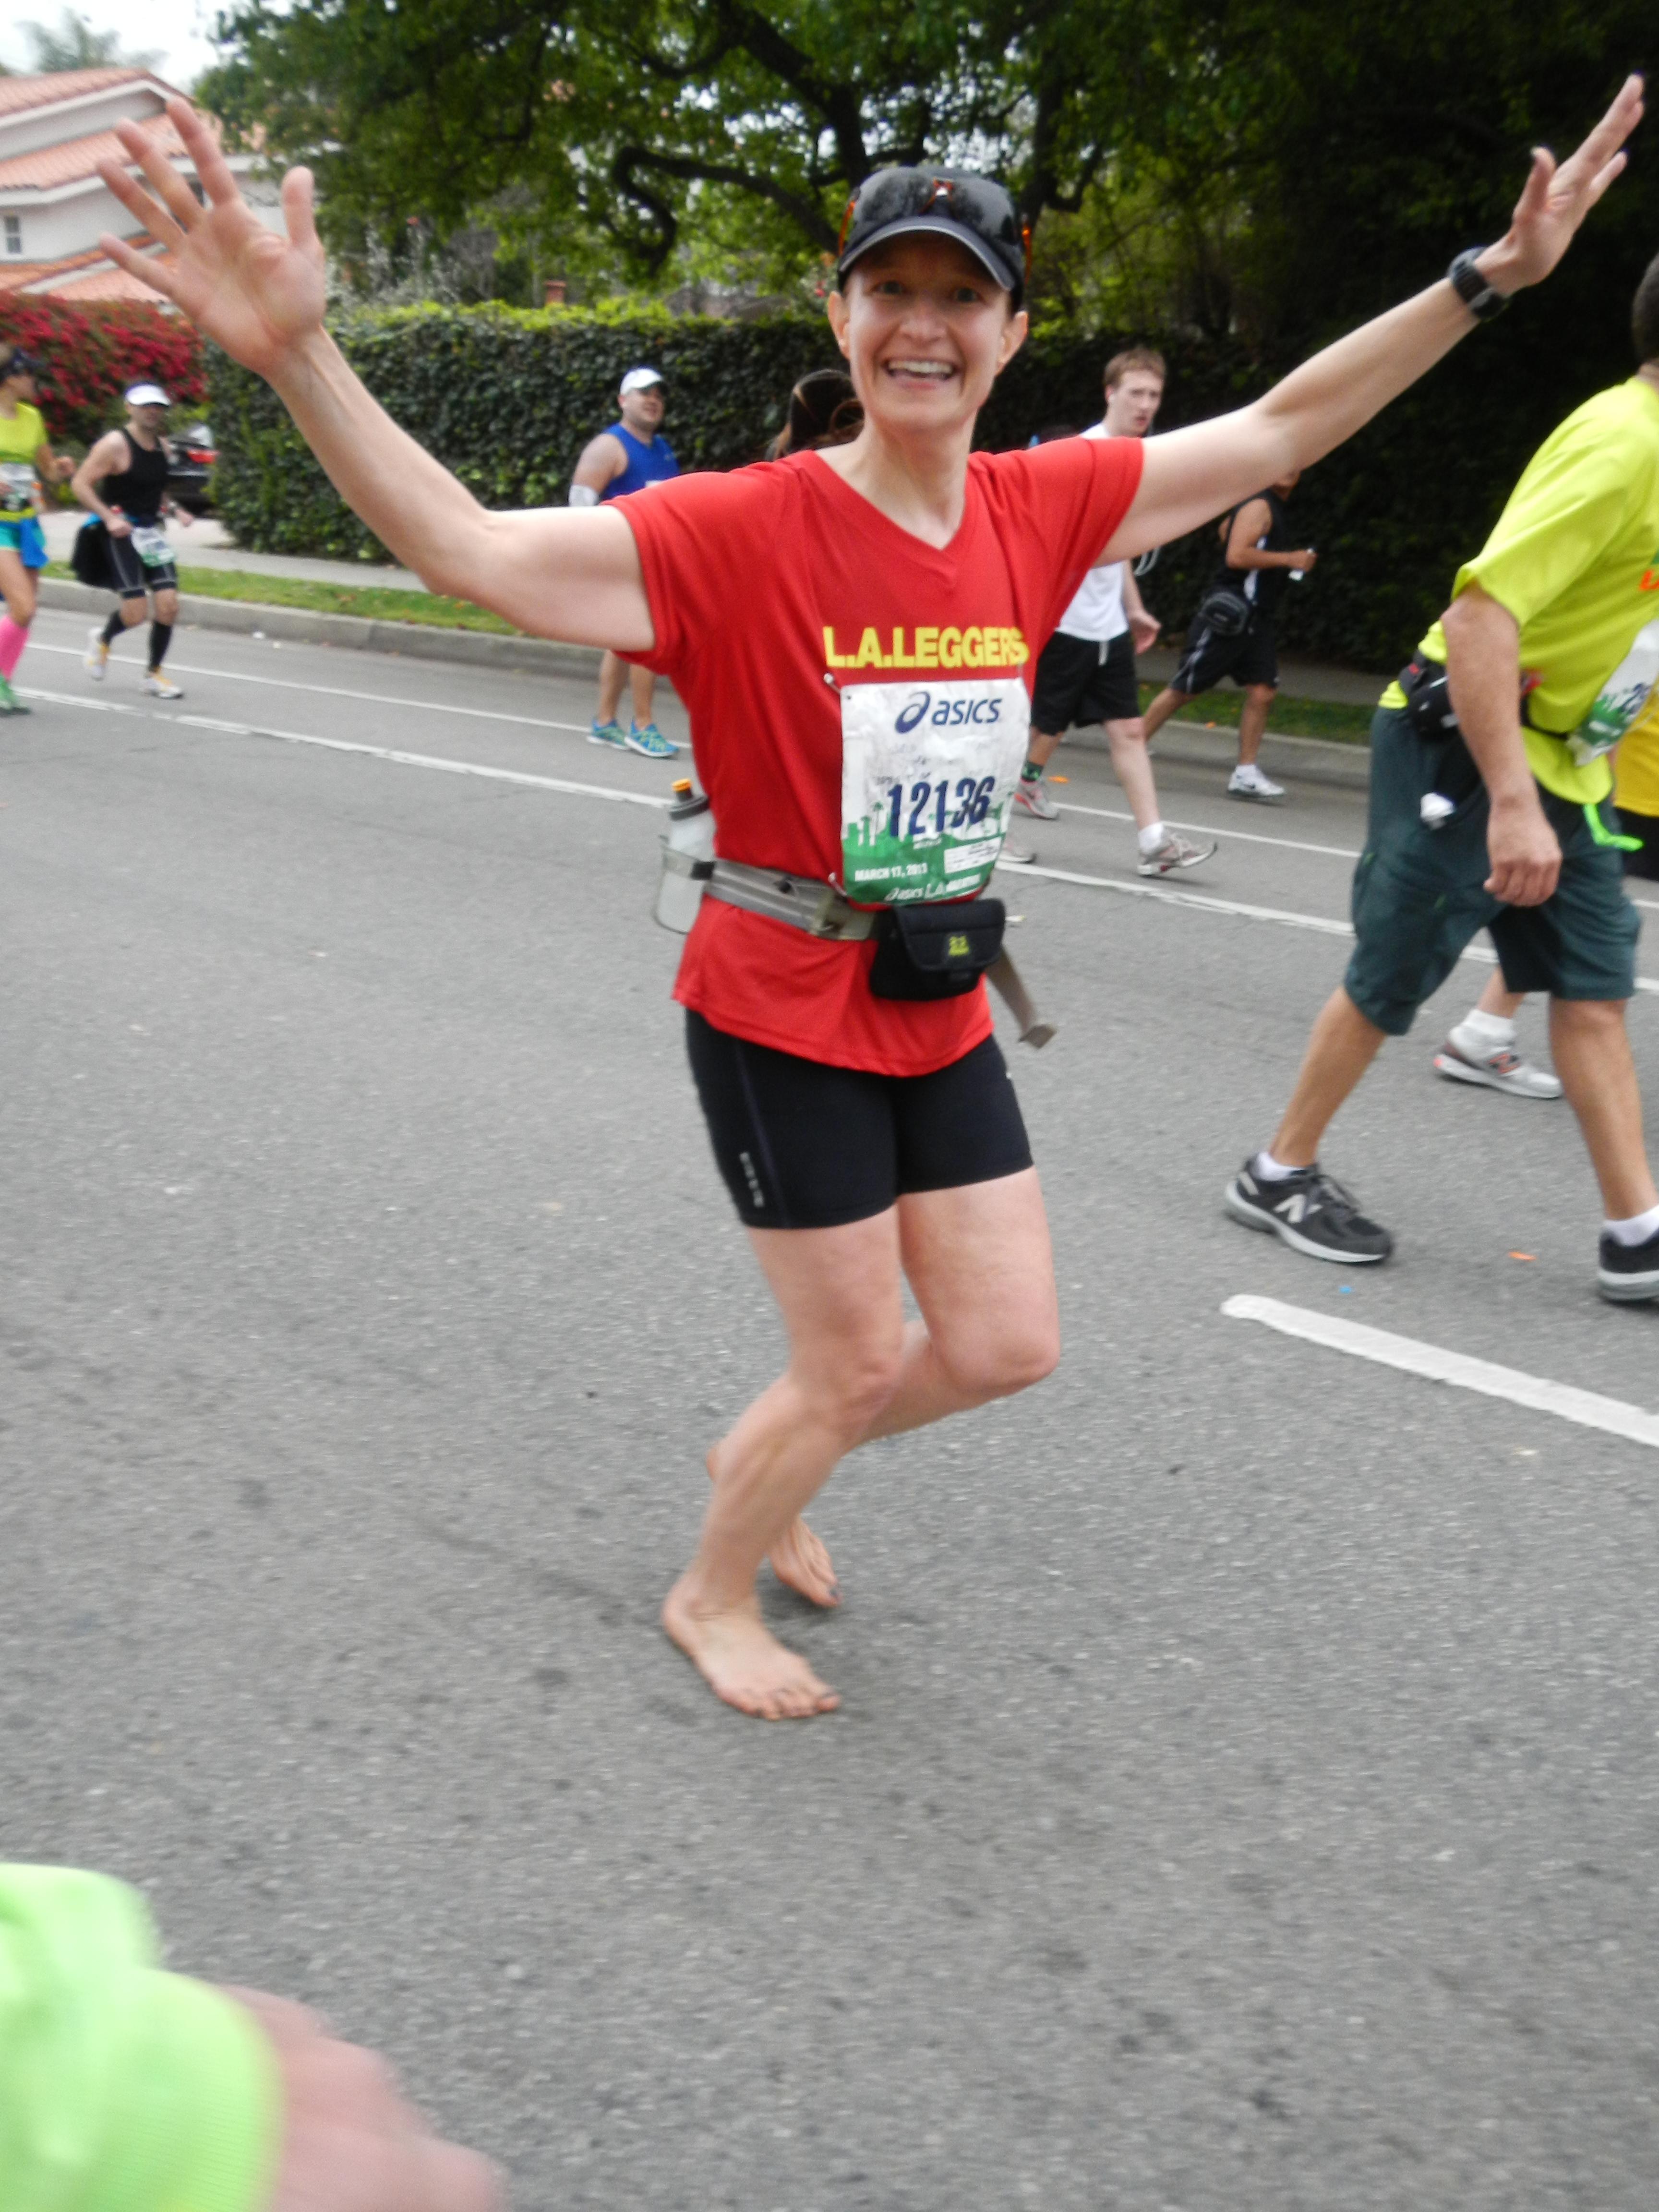 Julia Stokes, barefoot runner #12136